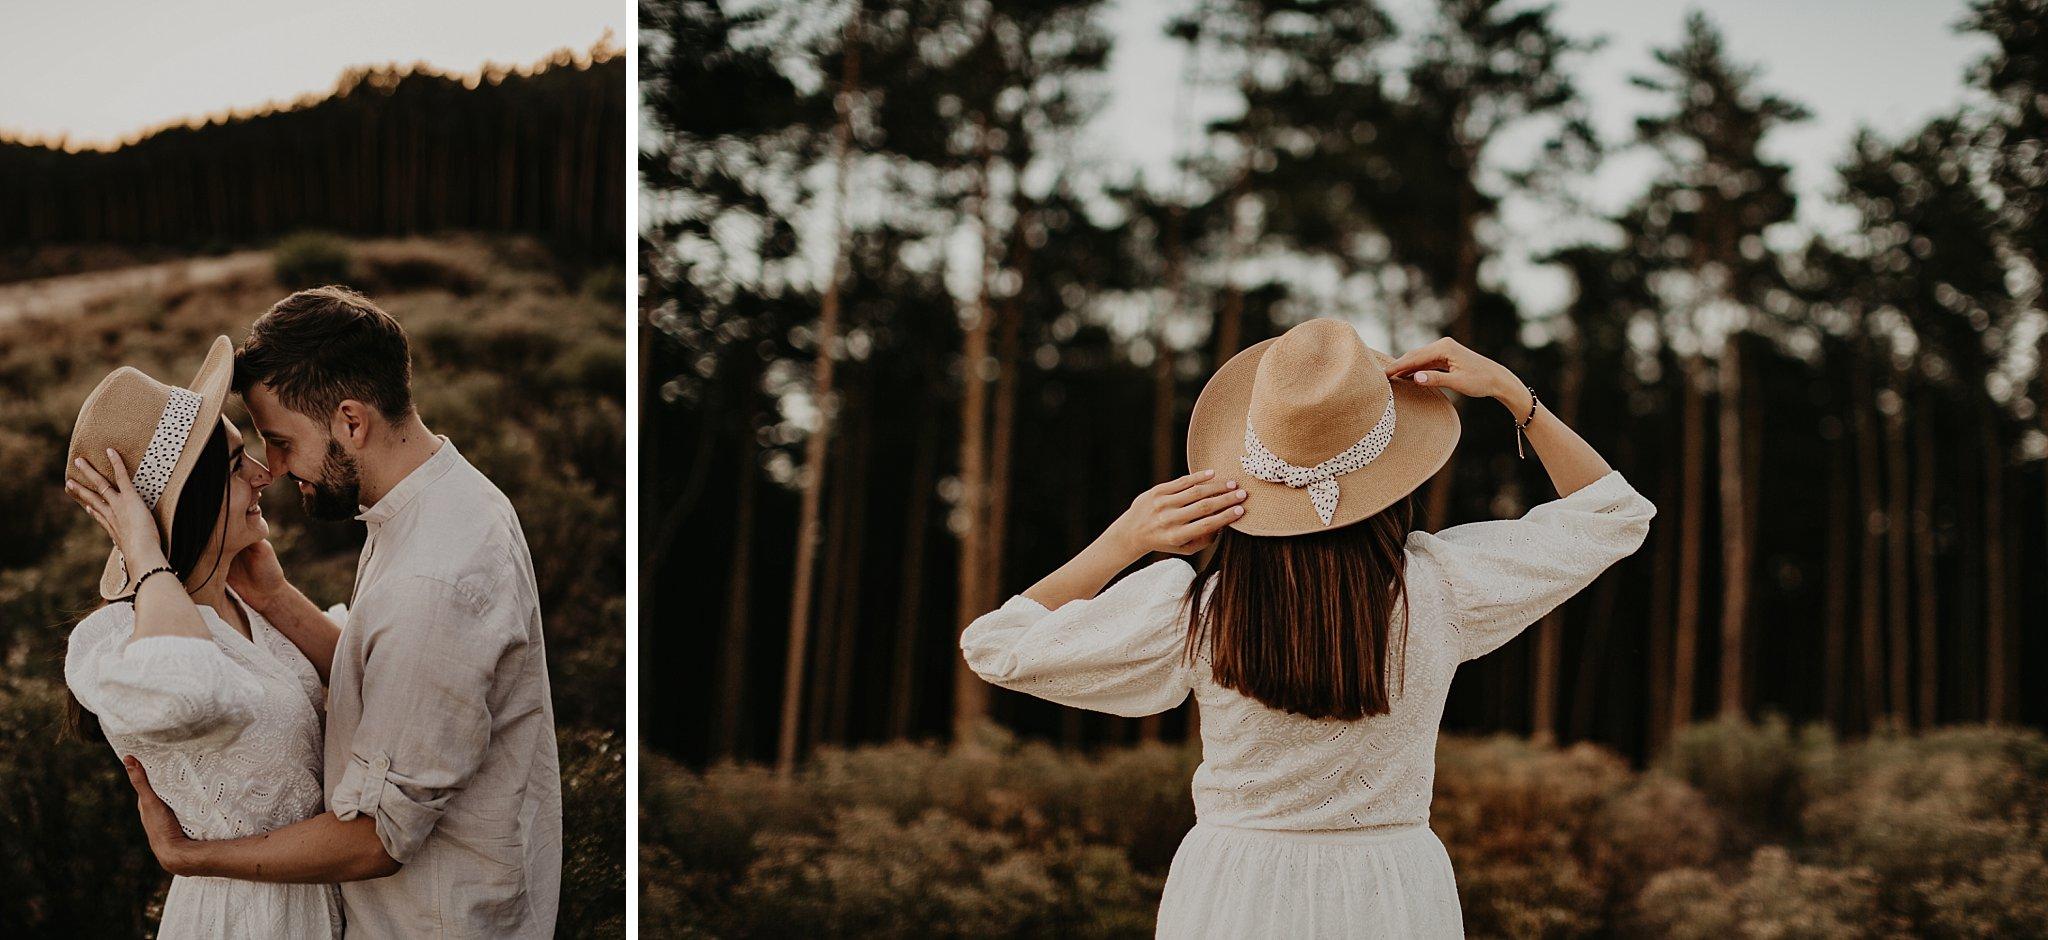 piekna sesja narzeczenska rustykalna romantyczna sesja na pustyni sesja zdjeciowa poznan krugphotography fotograf slubny z poznania fotografia slubna poznan 7300